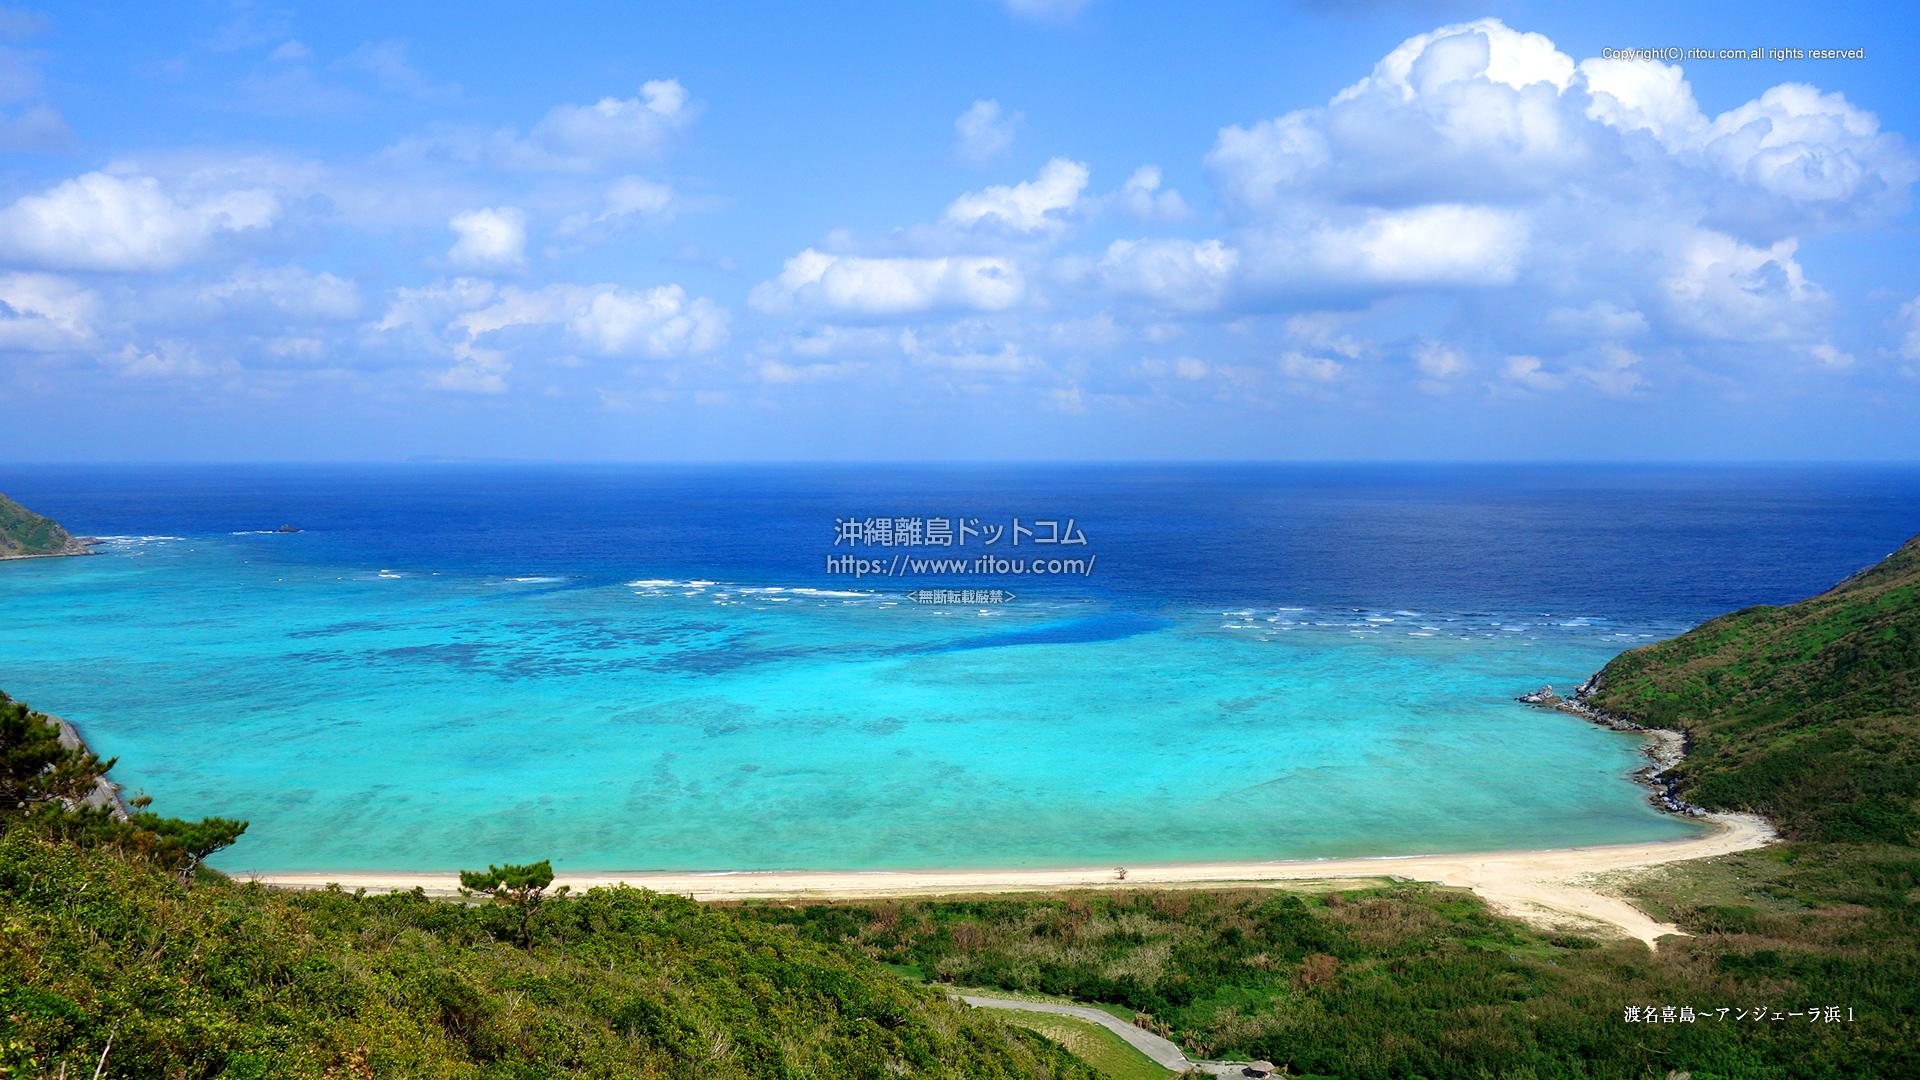 渡名喜島〜アンジェーラ浜1